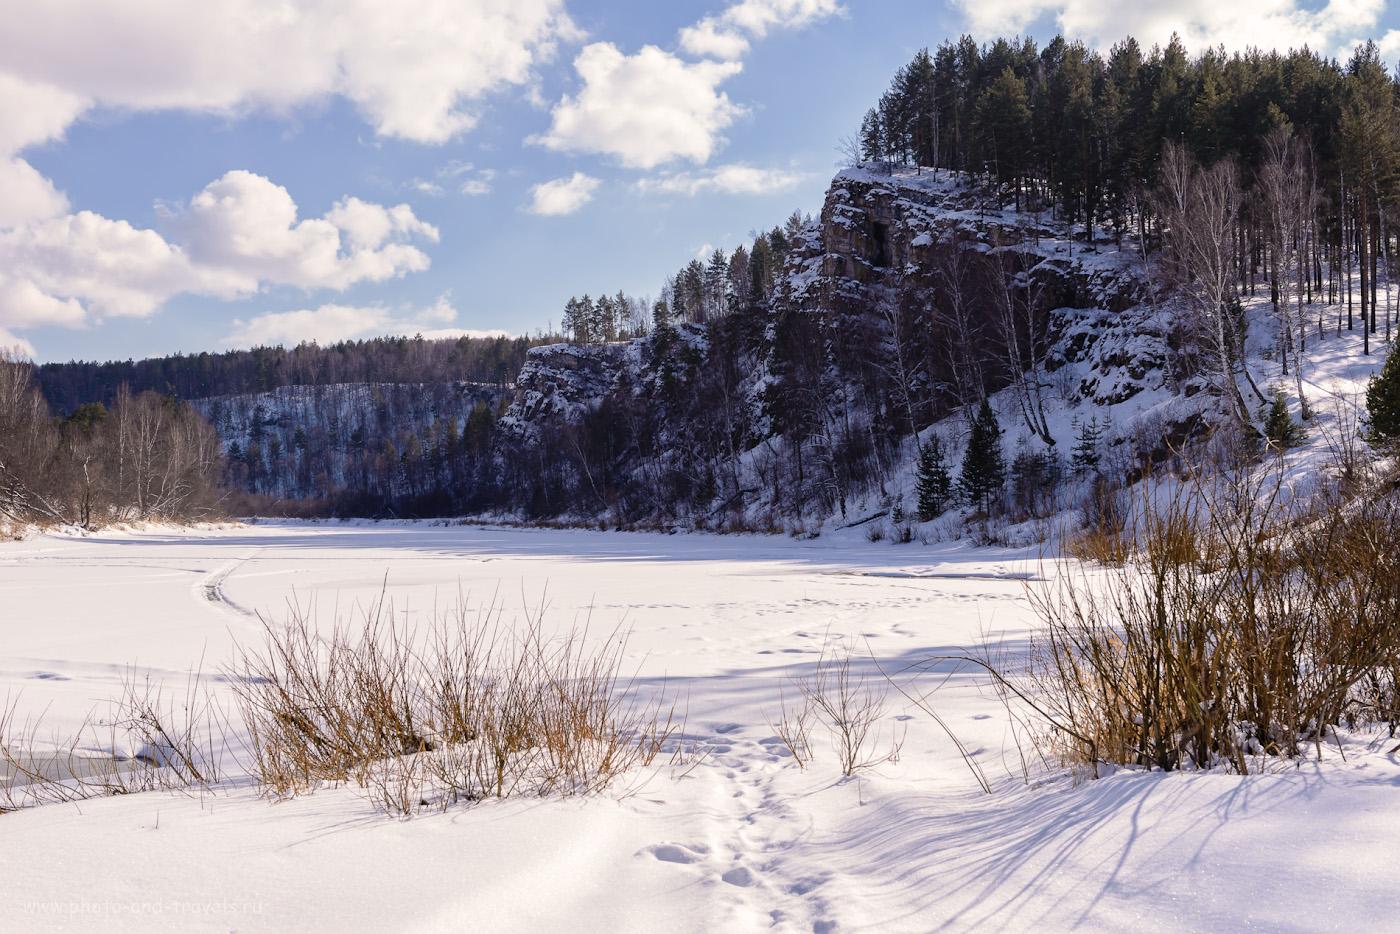 Фото 32. Скала у места впадения ручья Клюкля в реку Юрюзань. Там виды красивые, но Идрисовская пещера - у меня за спиной. Отчет об автомобильном путешествии по Челябинской области. 1/800, +0.33, 9.0, 400, 44.